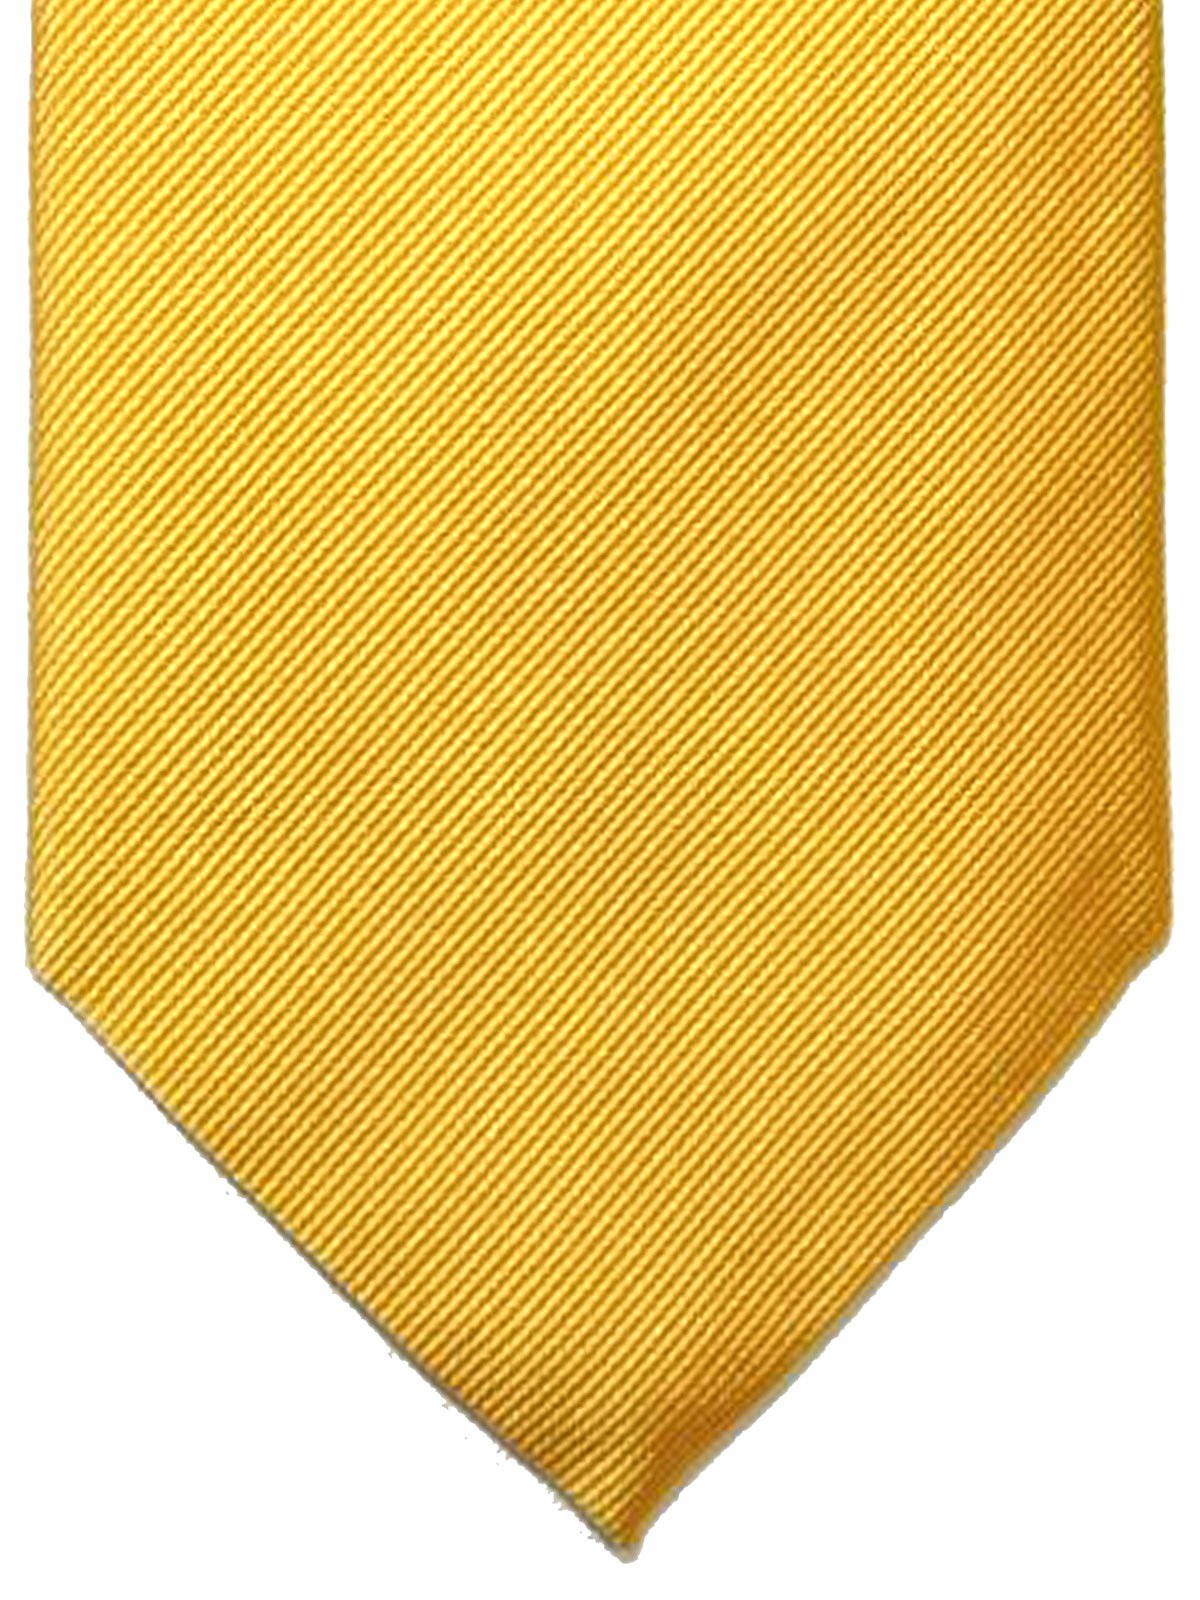 tiedeals mustard.jpg